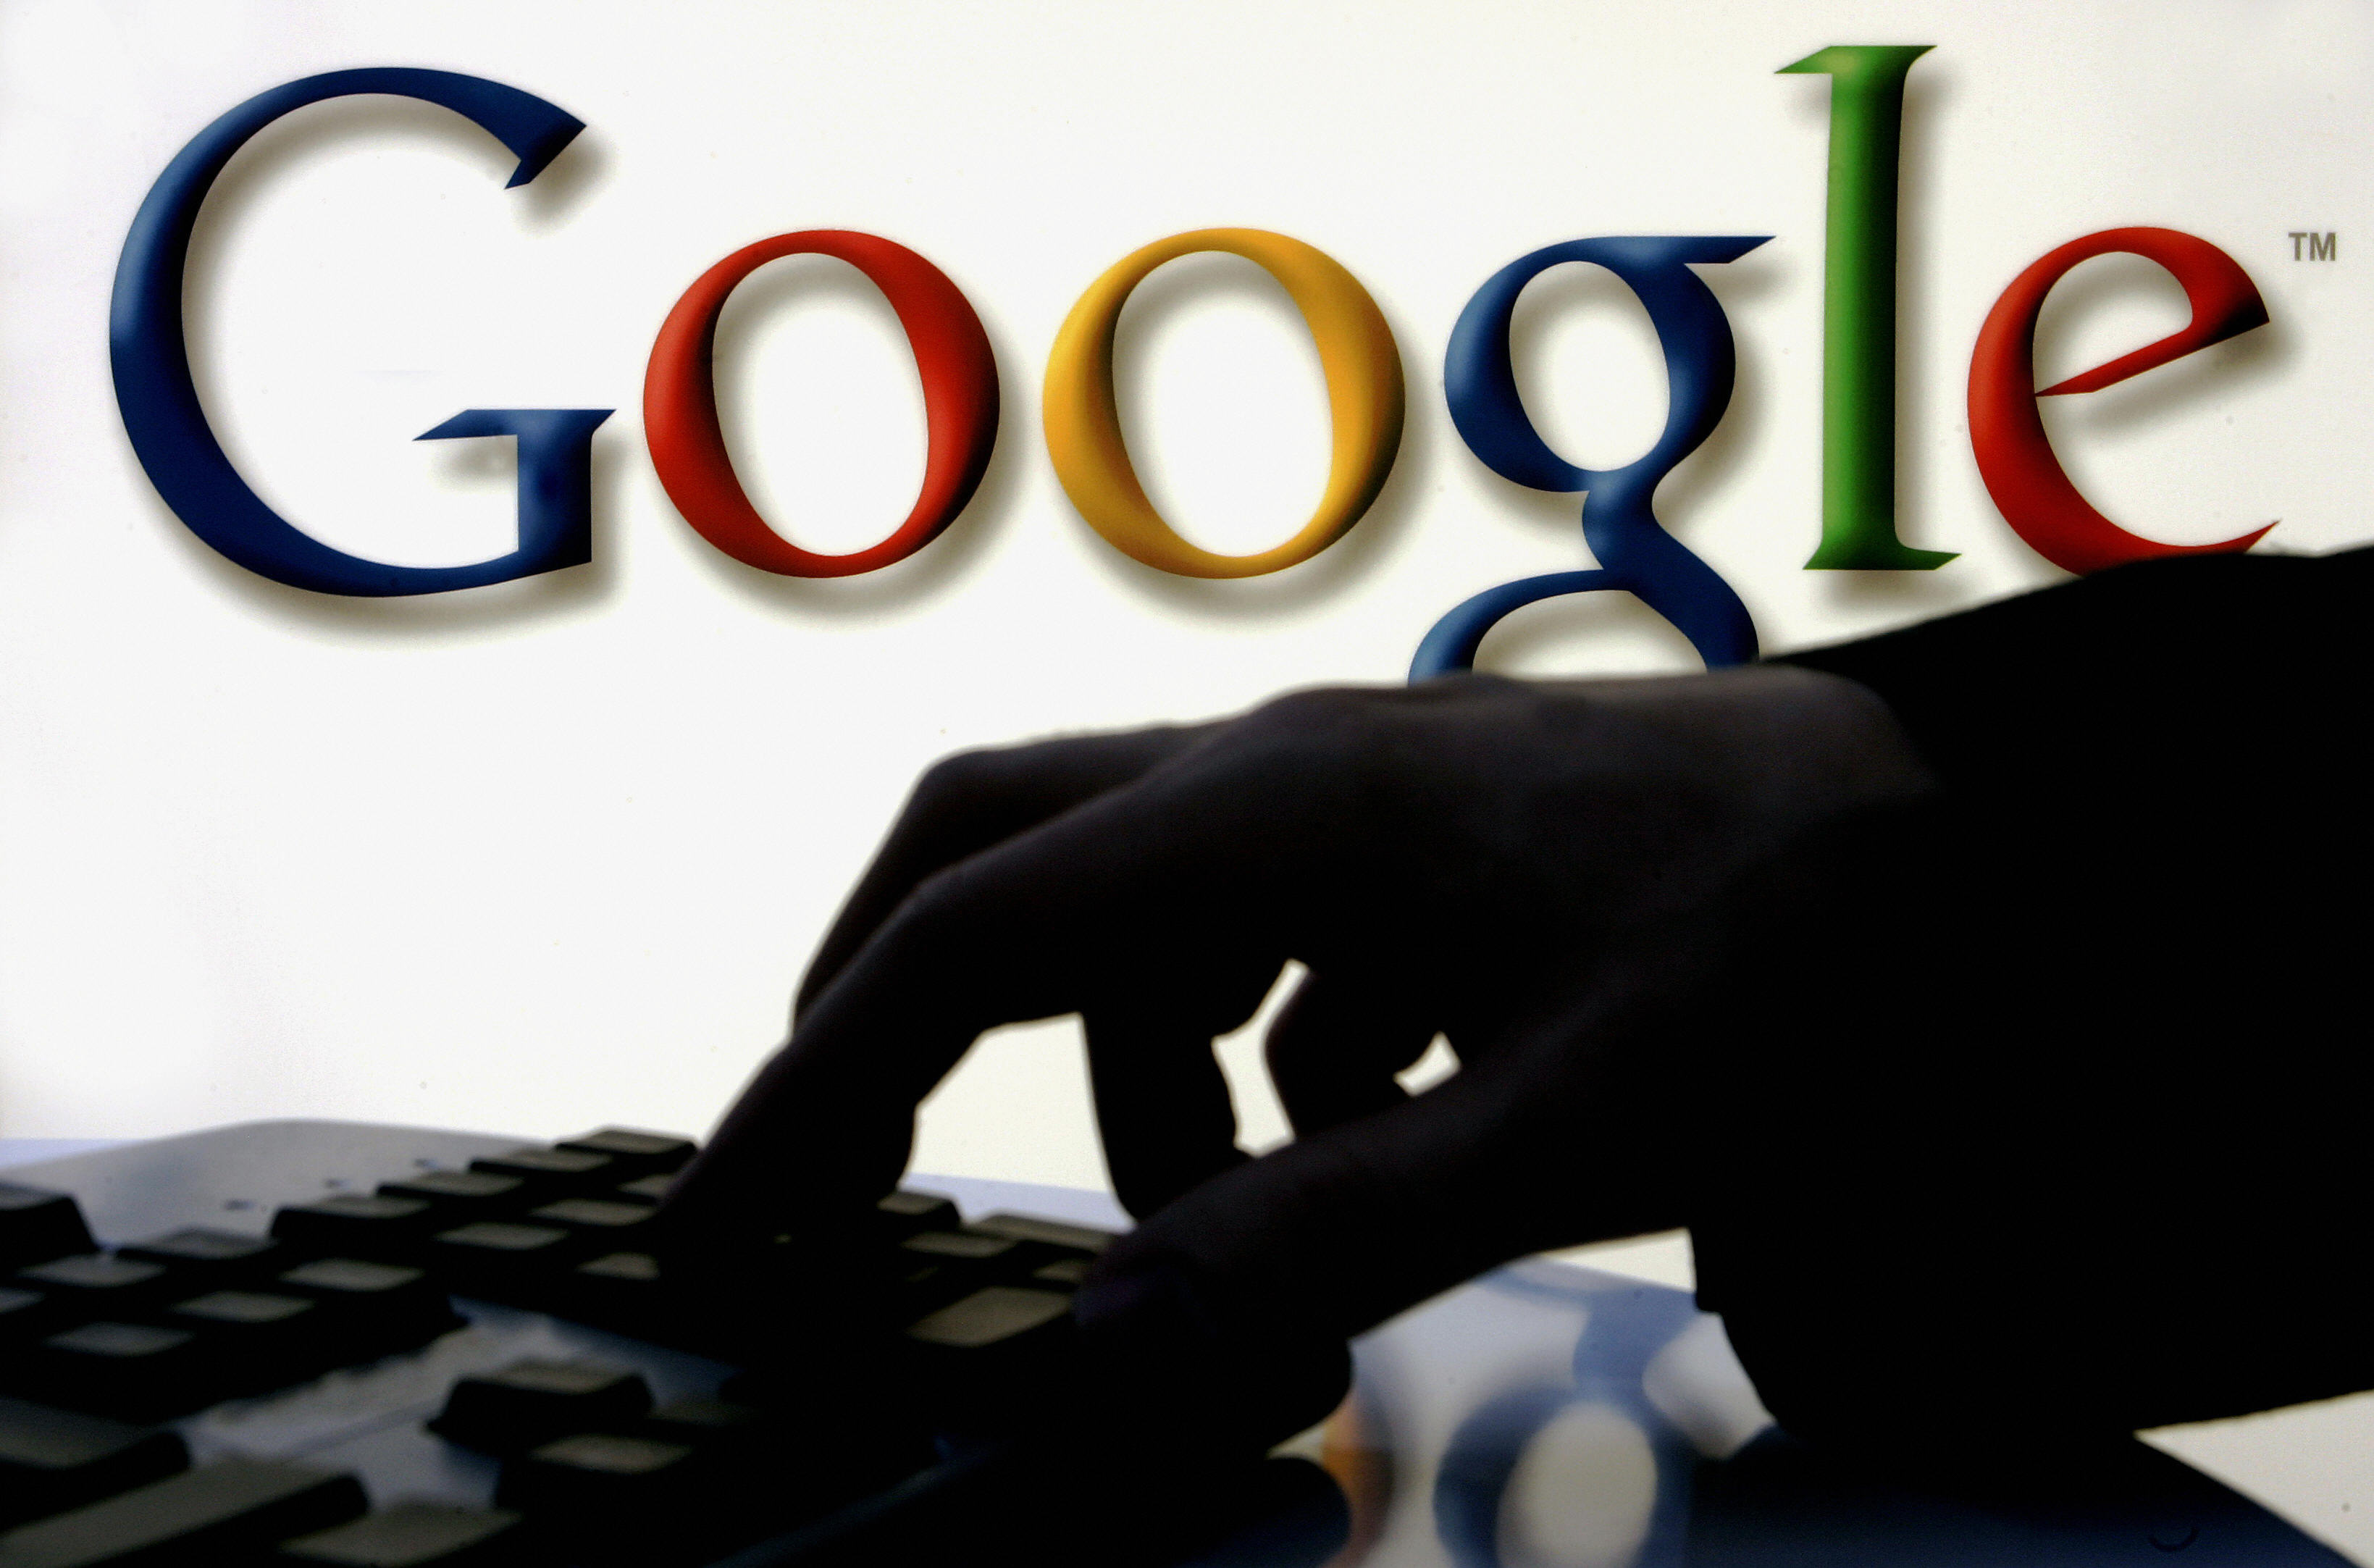 谷歌搜尋引擎現在有了以日期篩選搜尋結果的功能。圖為谷歌的logo。(TORSTEN SILZ/AFP/Getty Images)